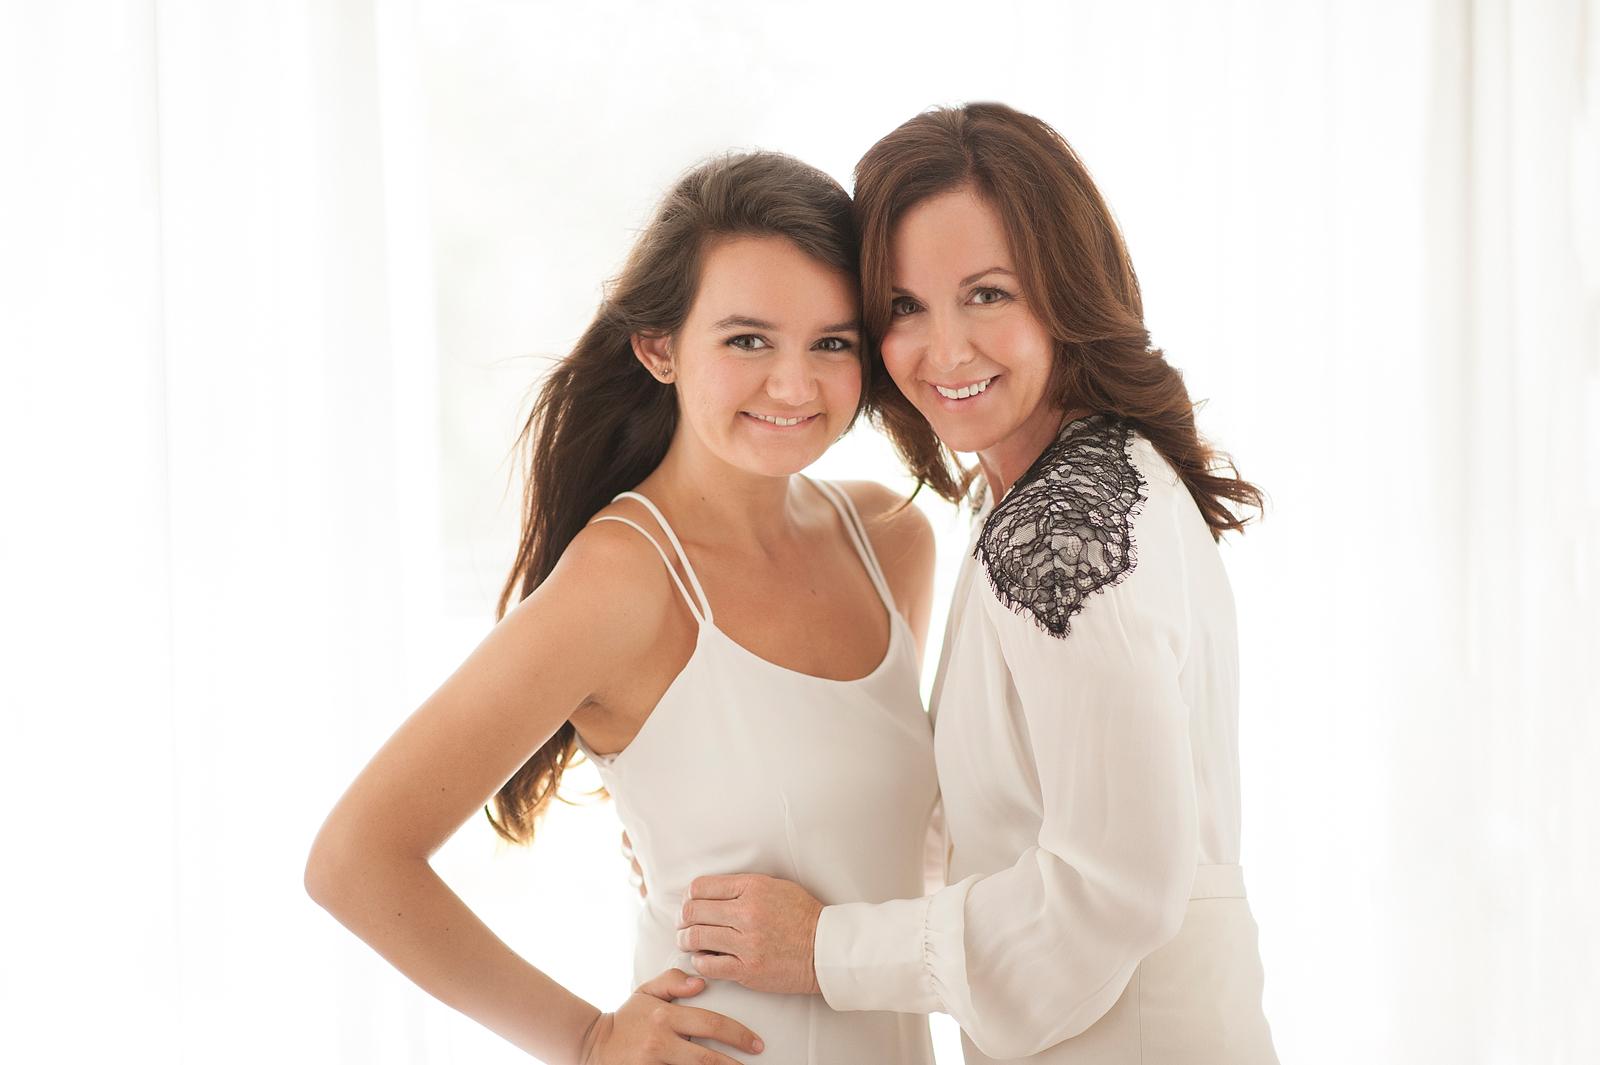 21-mother-daughter-backlit-smiling-standing-white-hands-hip.jpg